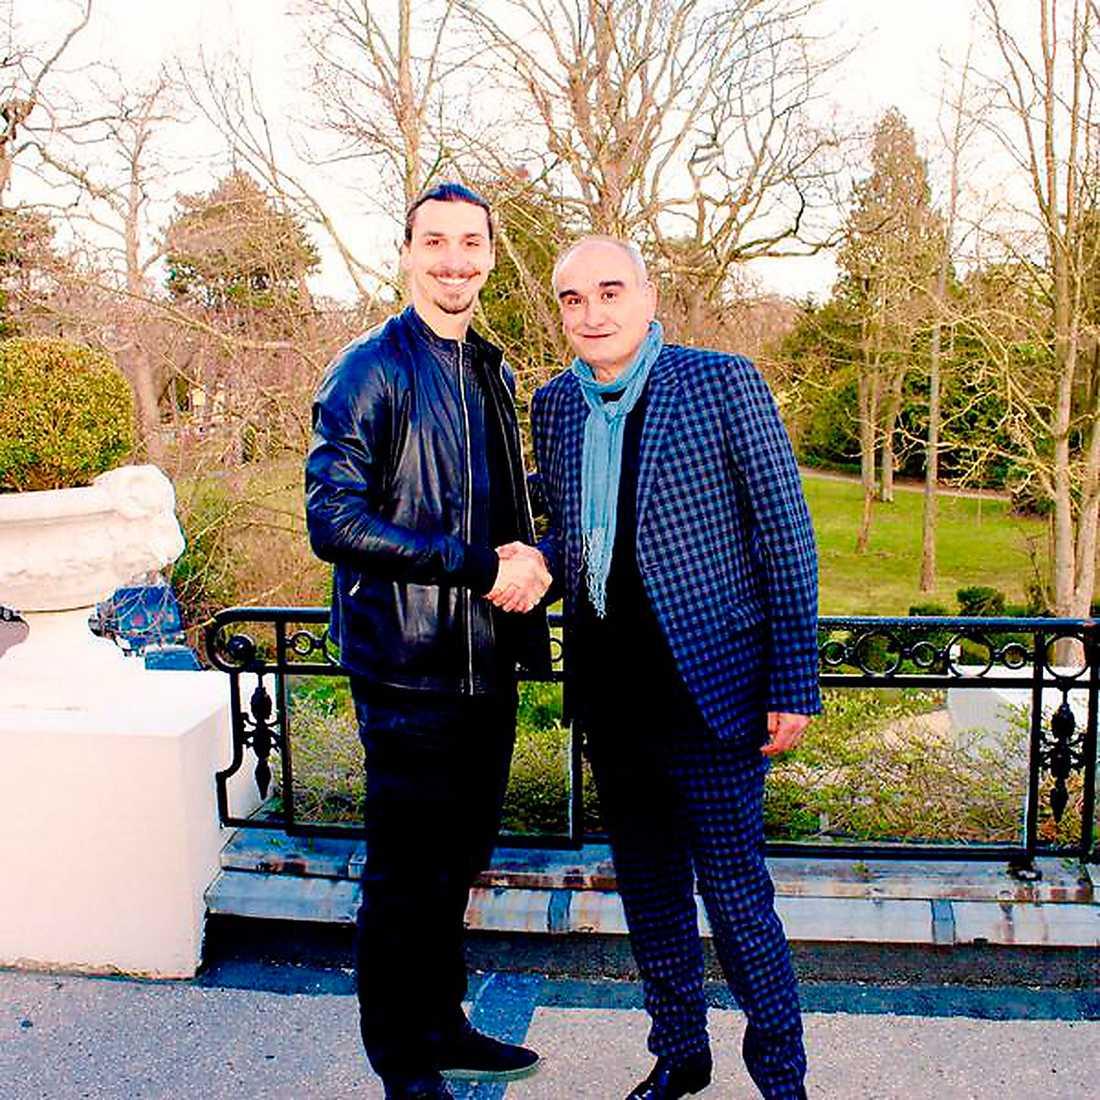 I början av mars skrev Zlatan kontrakt med Universal Studios franska kontor, U Think Agence, och han fotades sedan med Pascal Nègre, chefen för Universal Studios France.